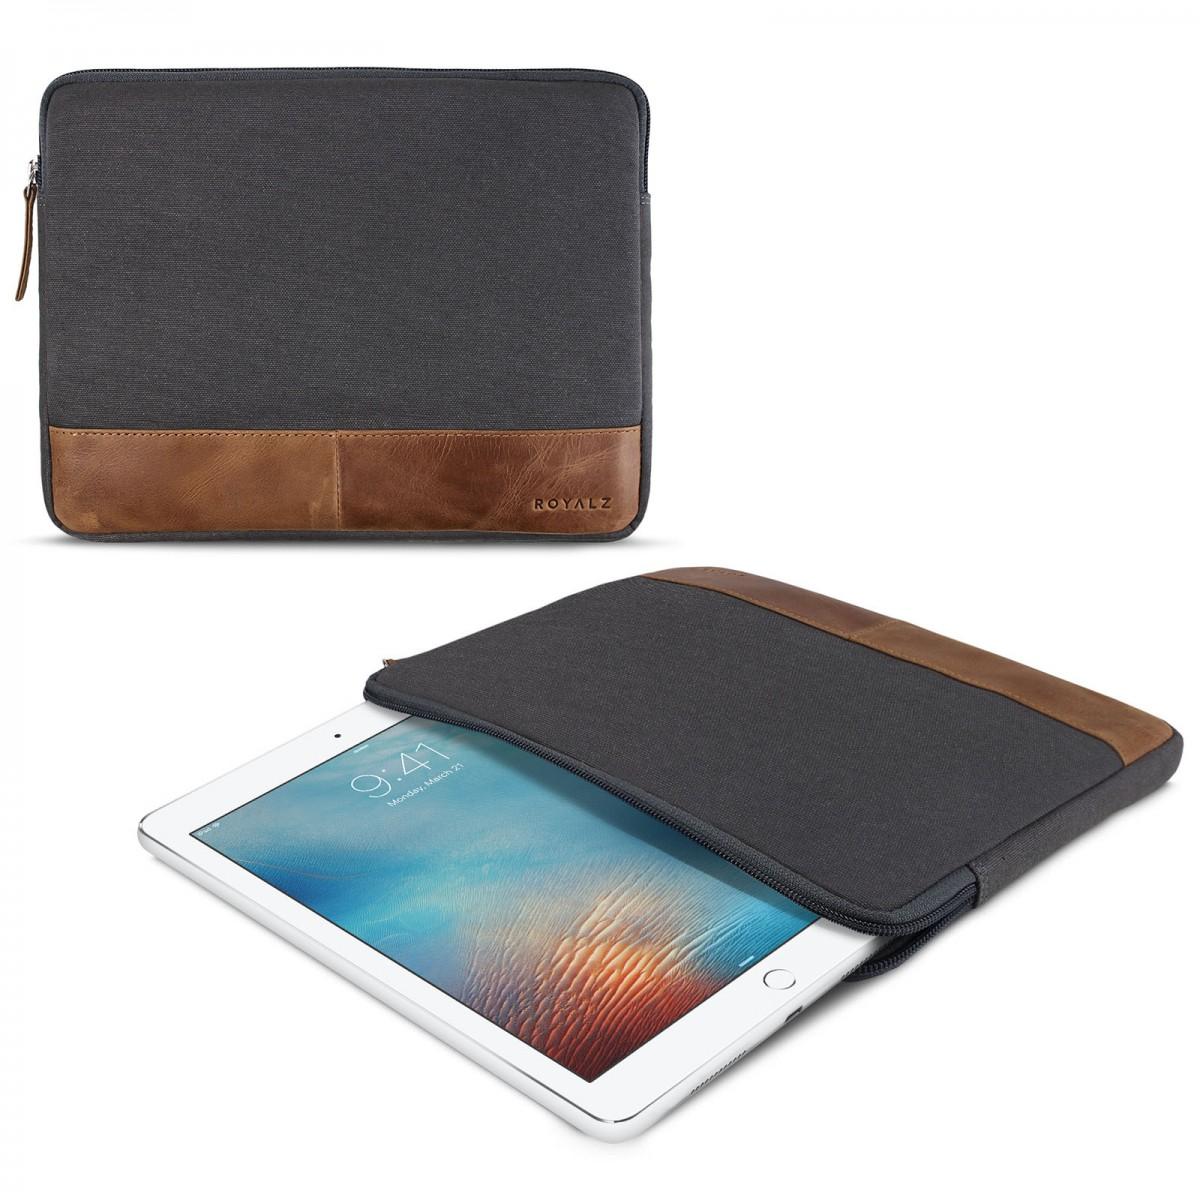 15ffde9316e70 ROYALZ Schutz Hülle für Apple iPad Pro 9